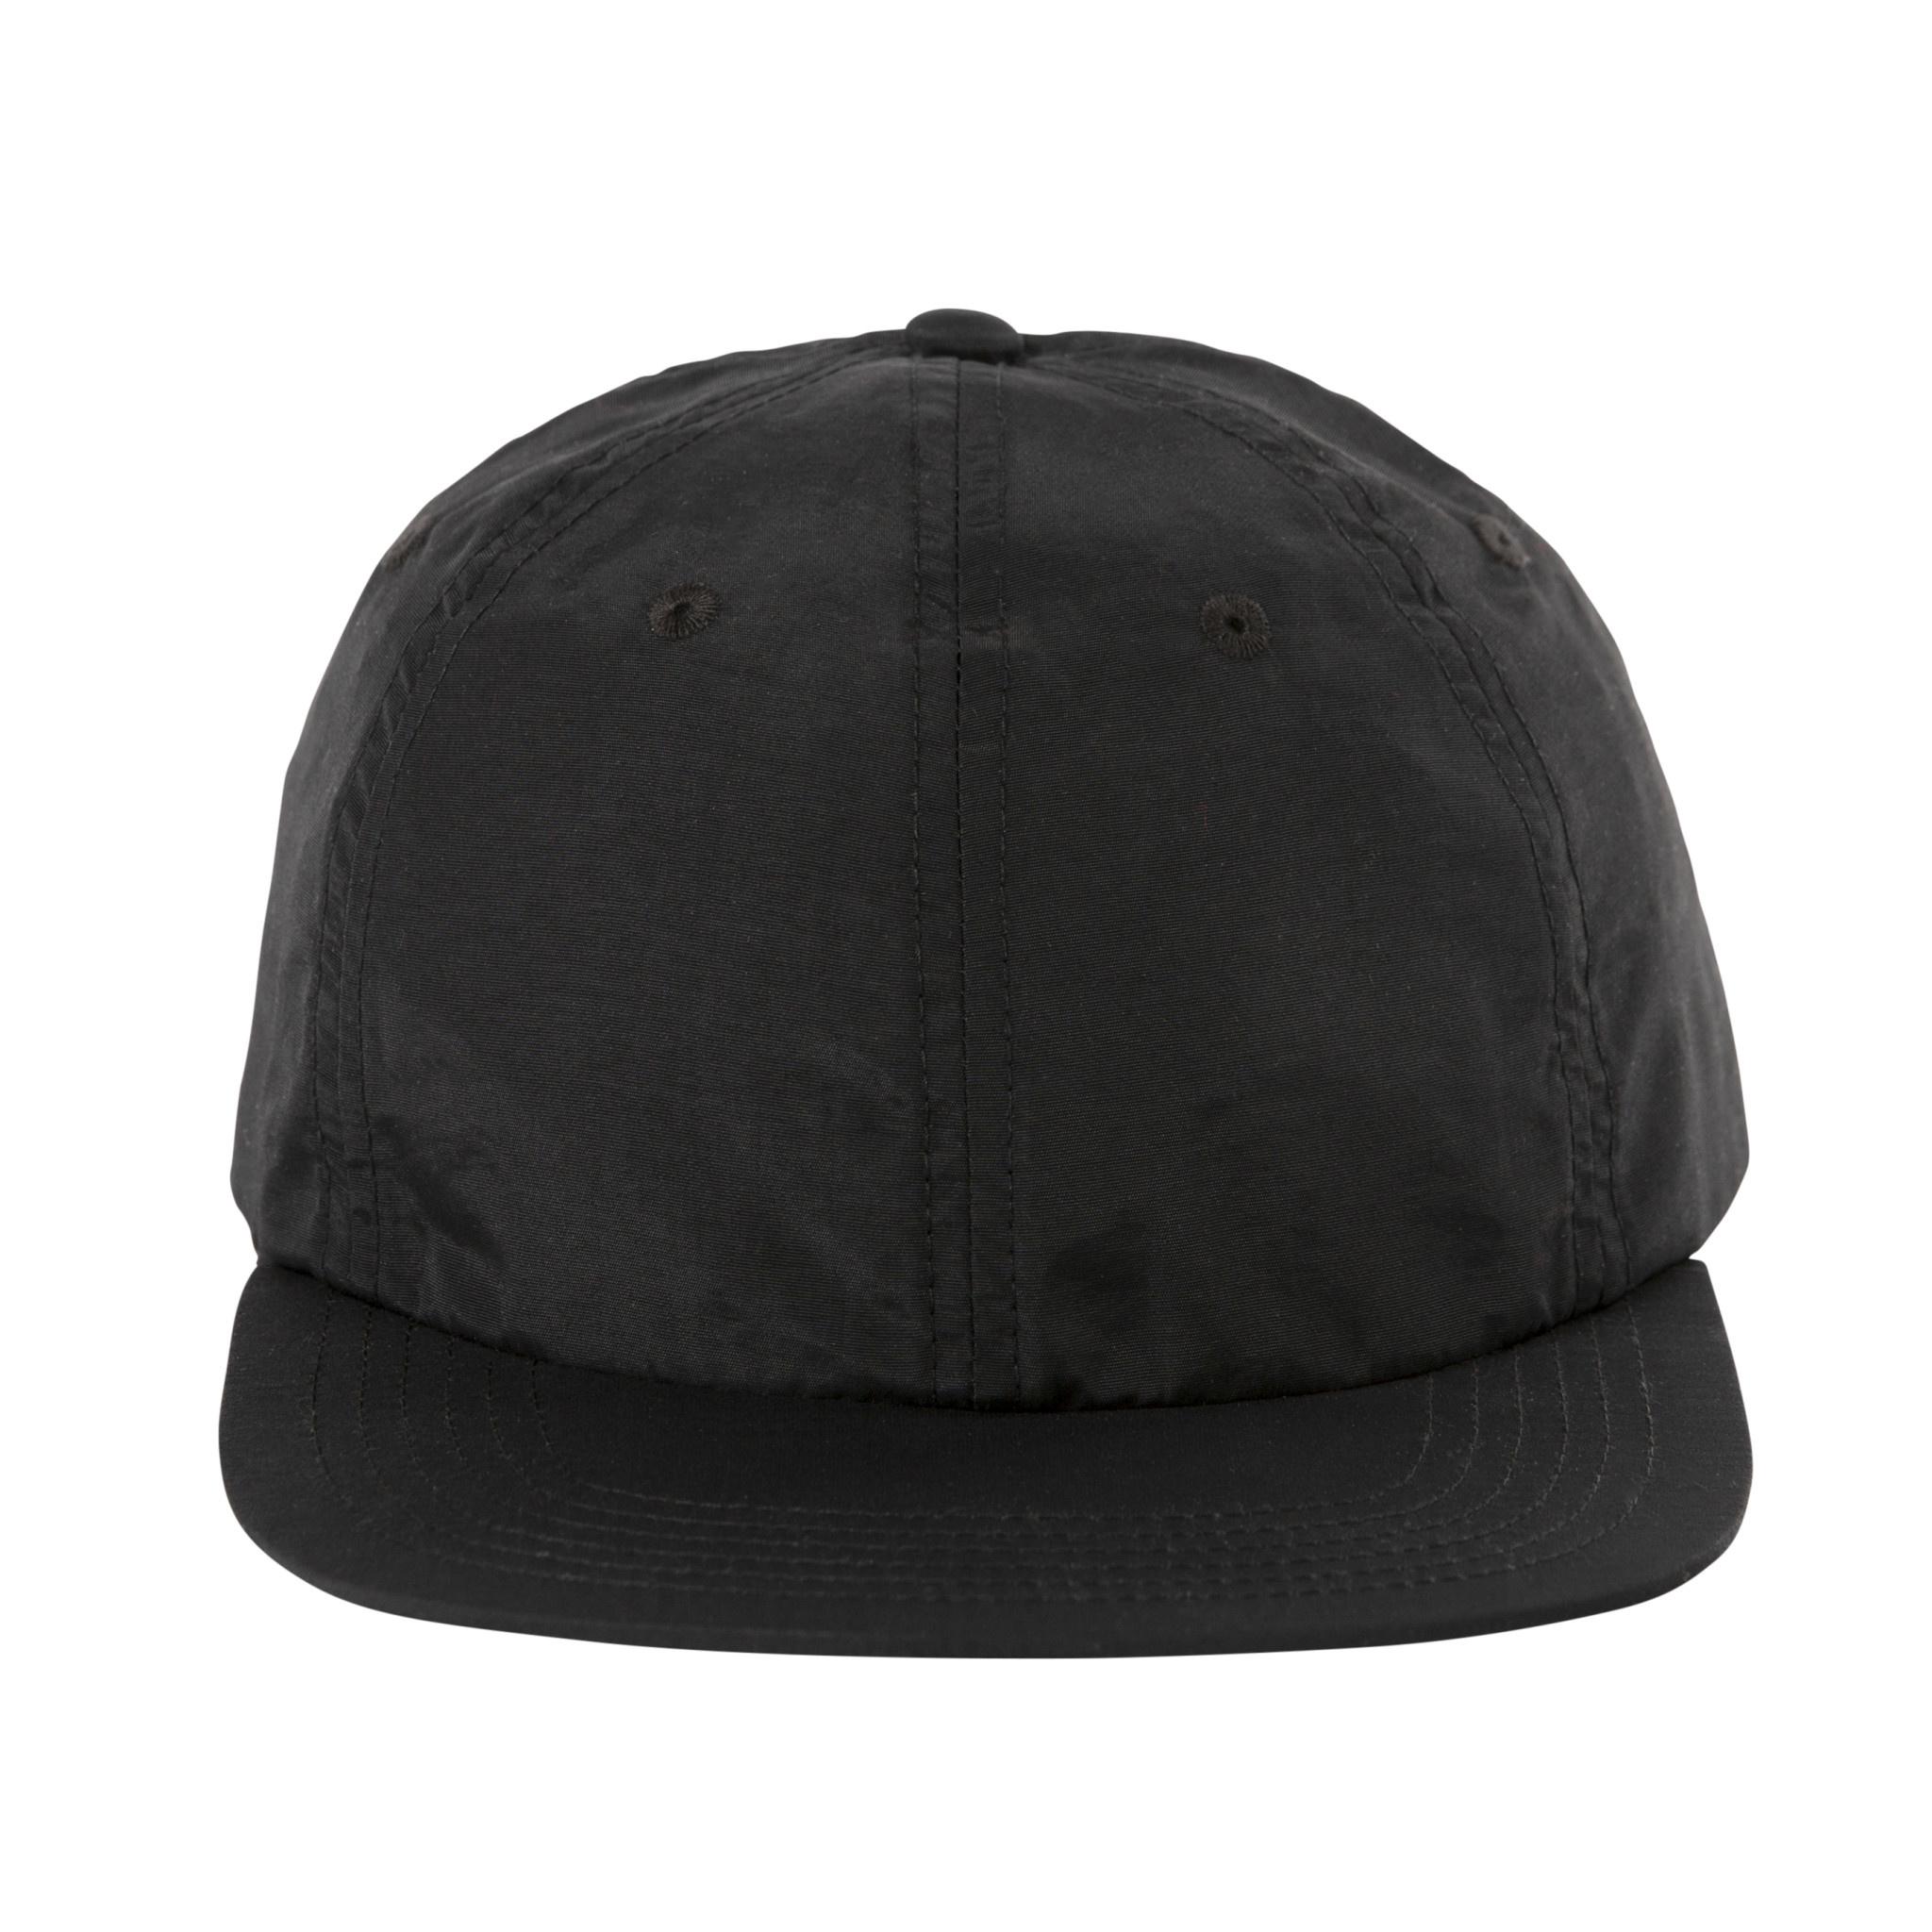 Topo Designs Topo Designs Nylon Ball Cap - Black